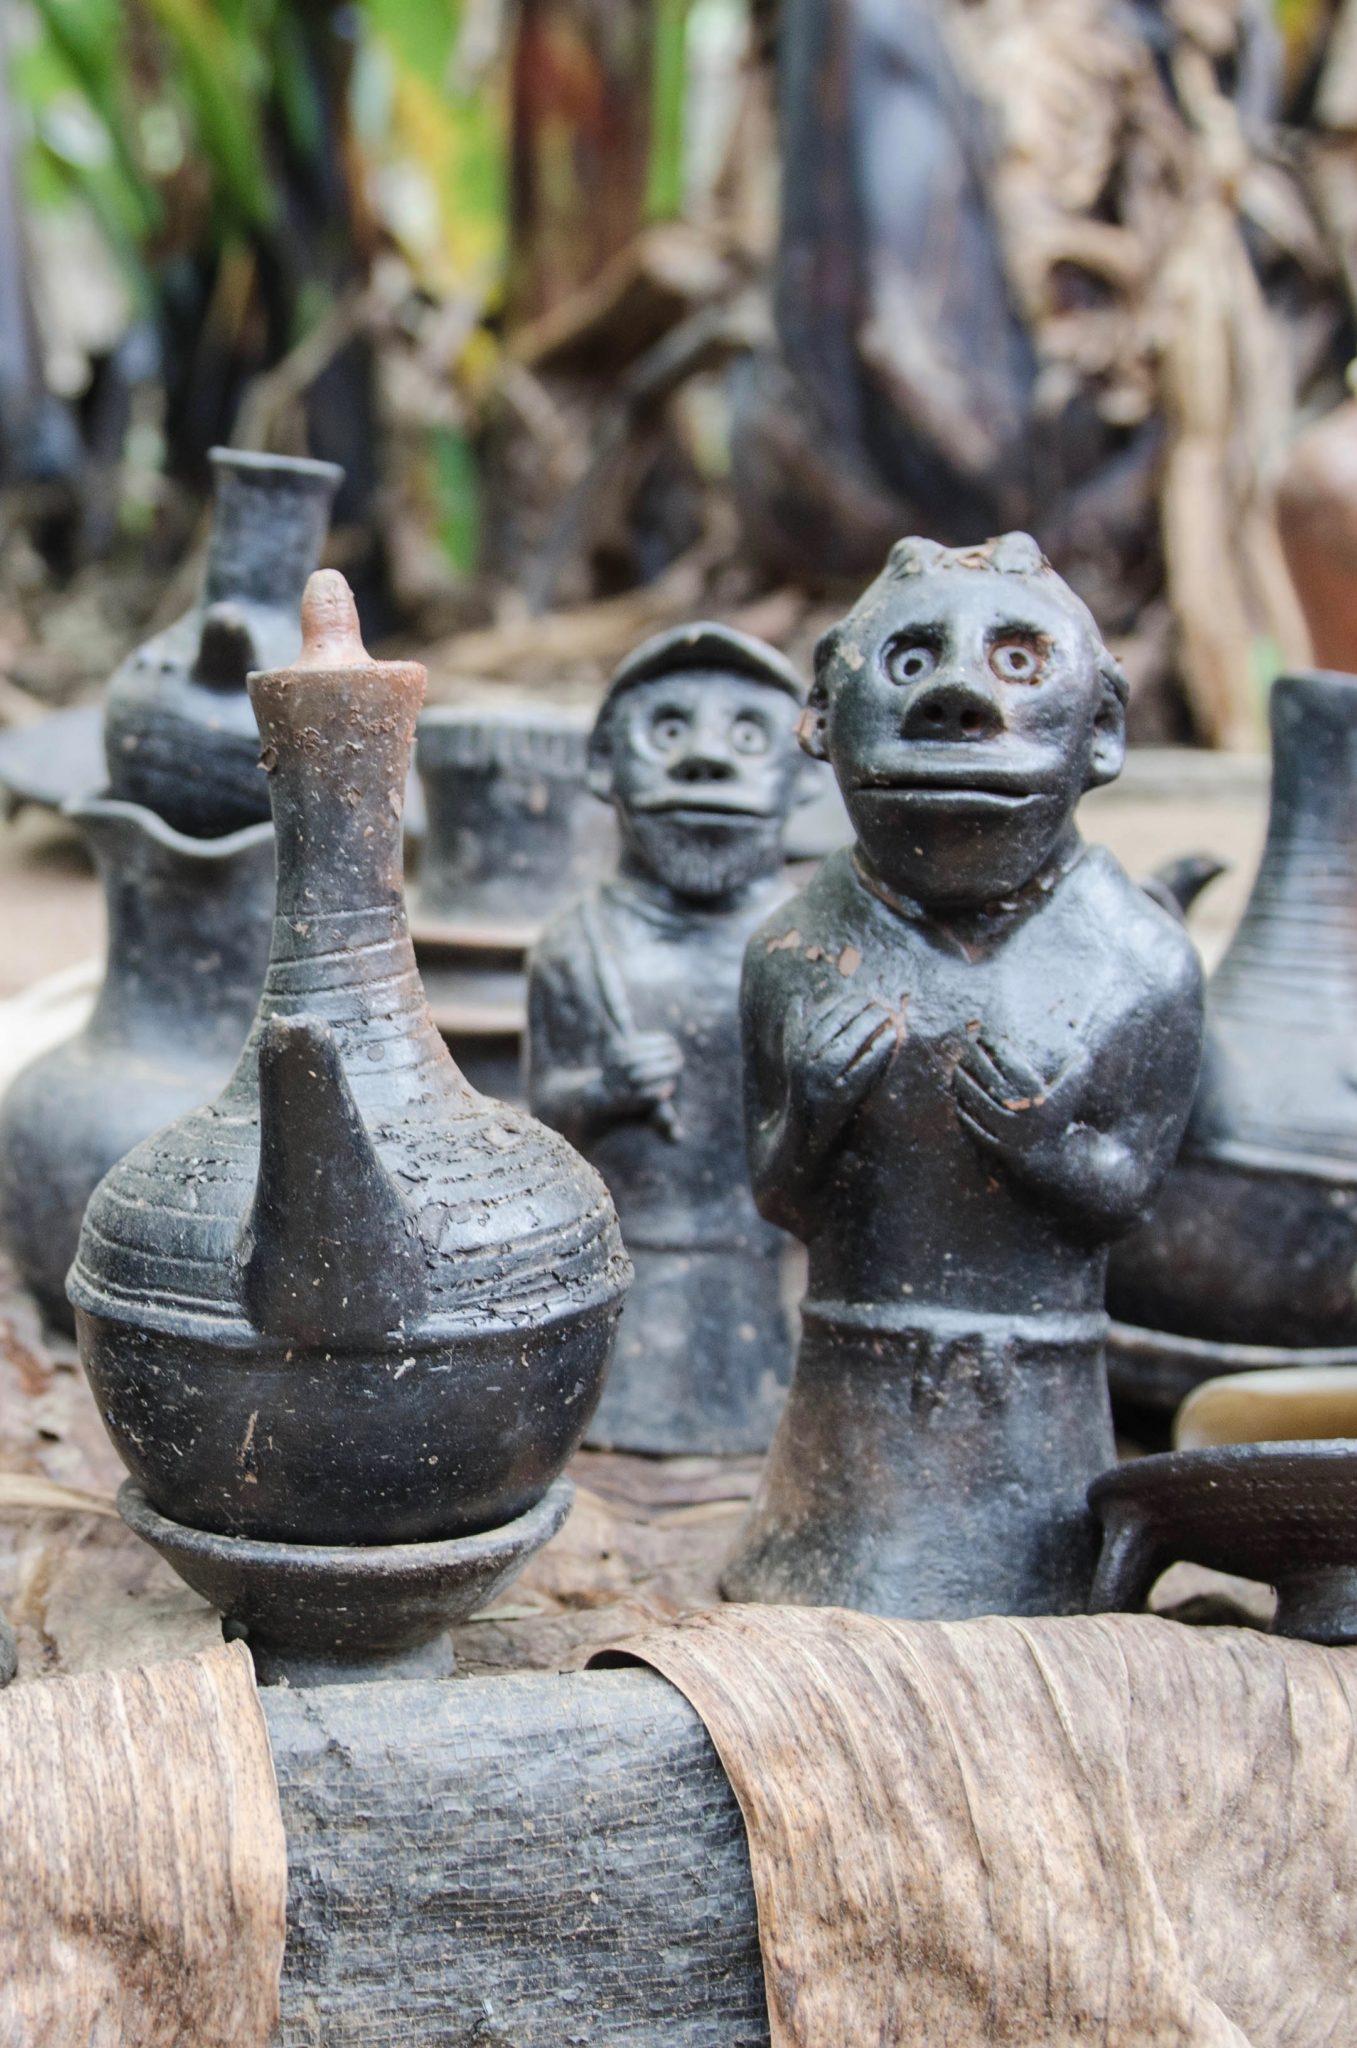 Die Dorze verkaufen handgefertigte Produkte im Dorf.